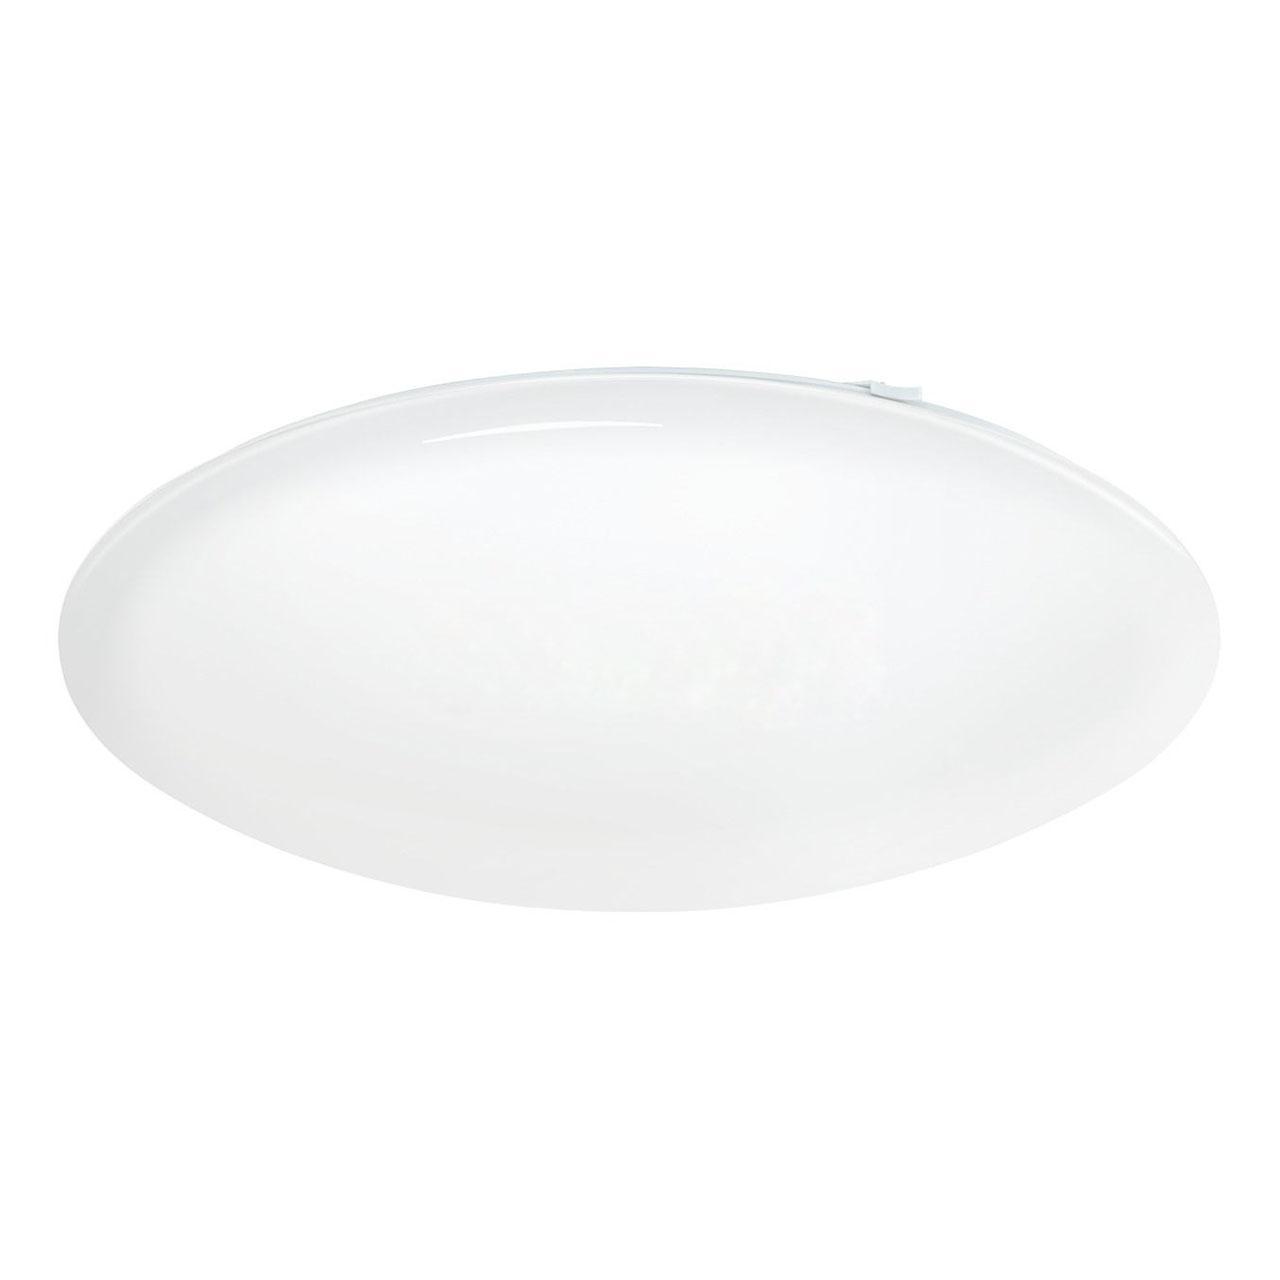 Потолочный светодиодный светильник Eglo Giron-M 97101 потолочный светодиодный светильник eglo giron m 97101